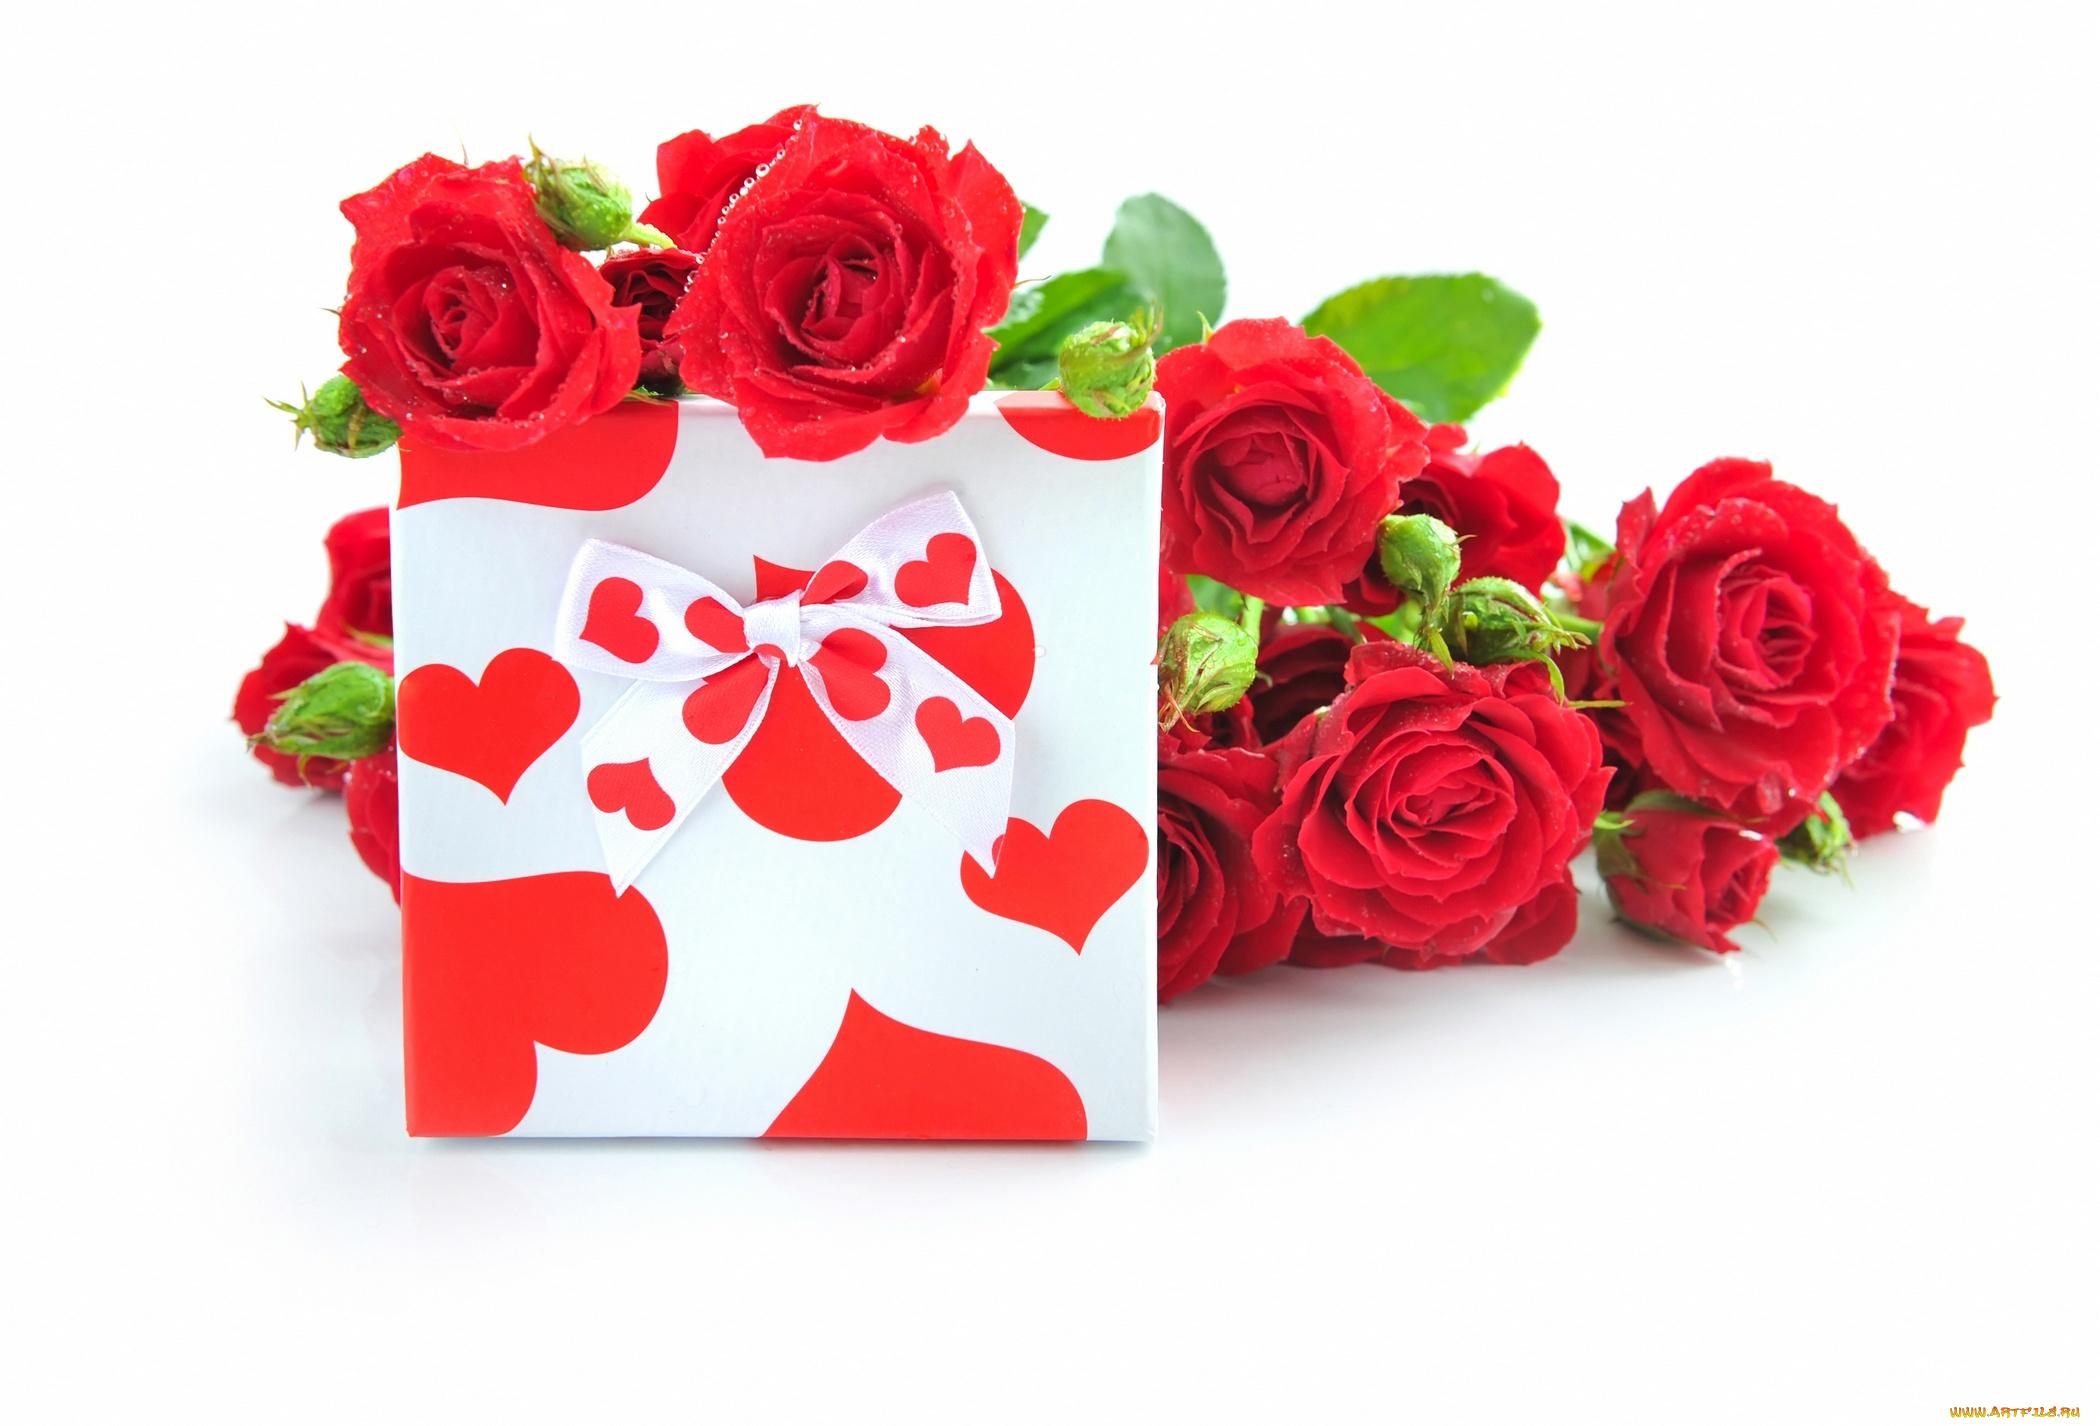 Сердечек фото, розы красные для открытки